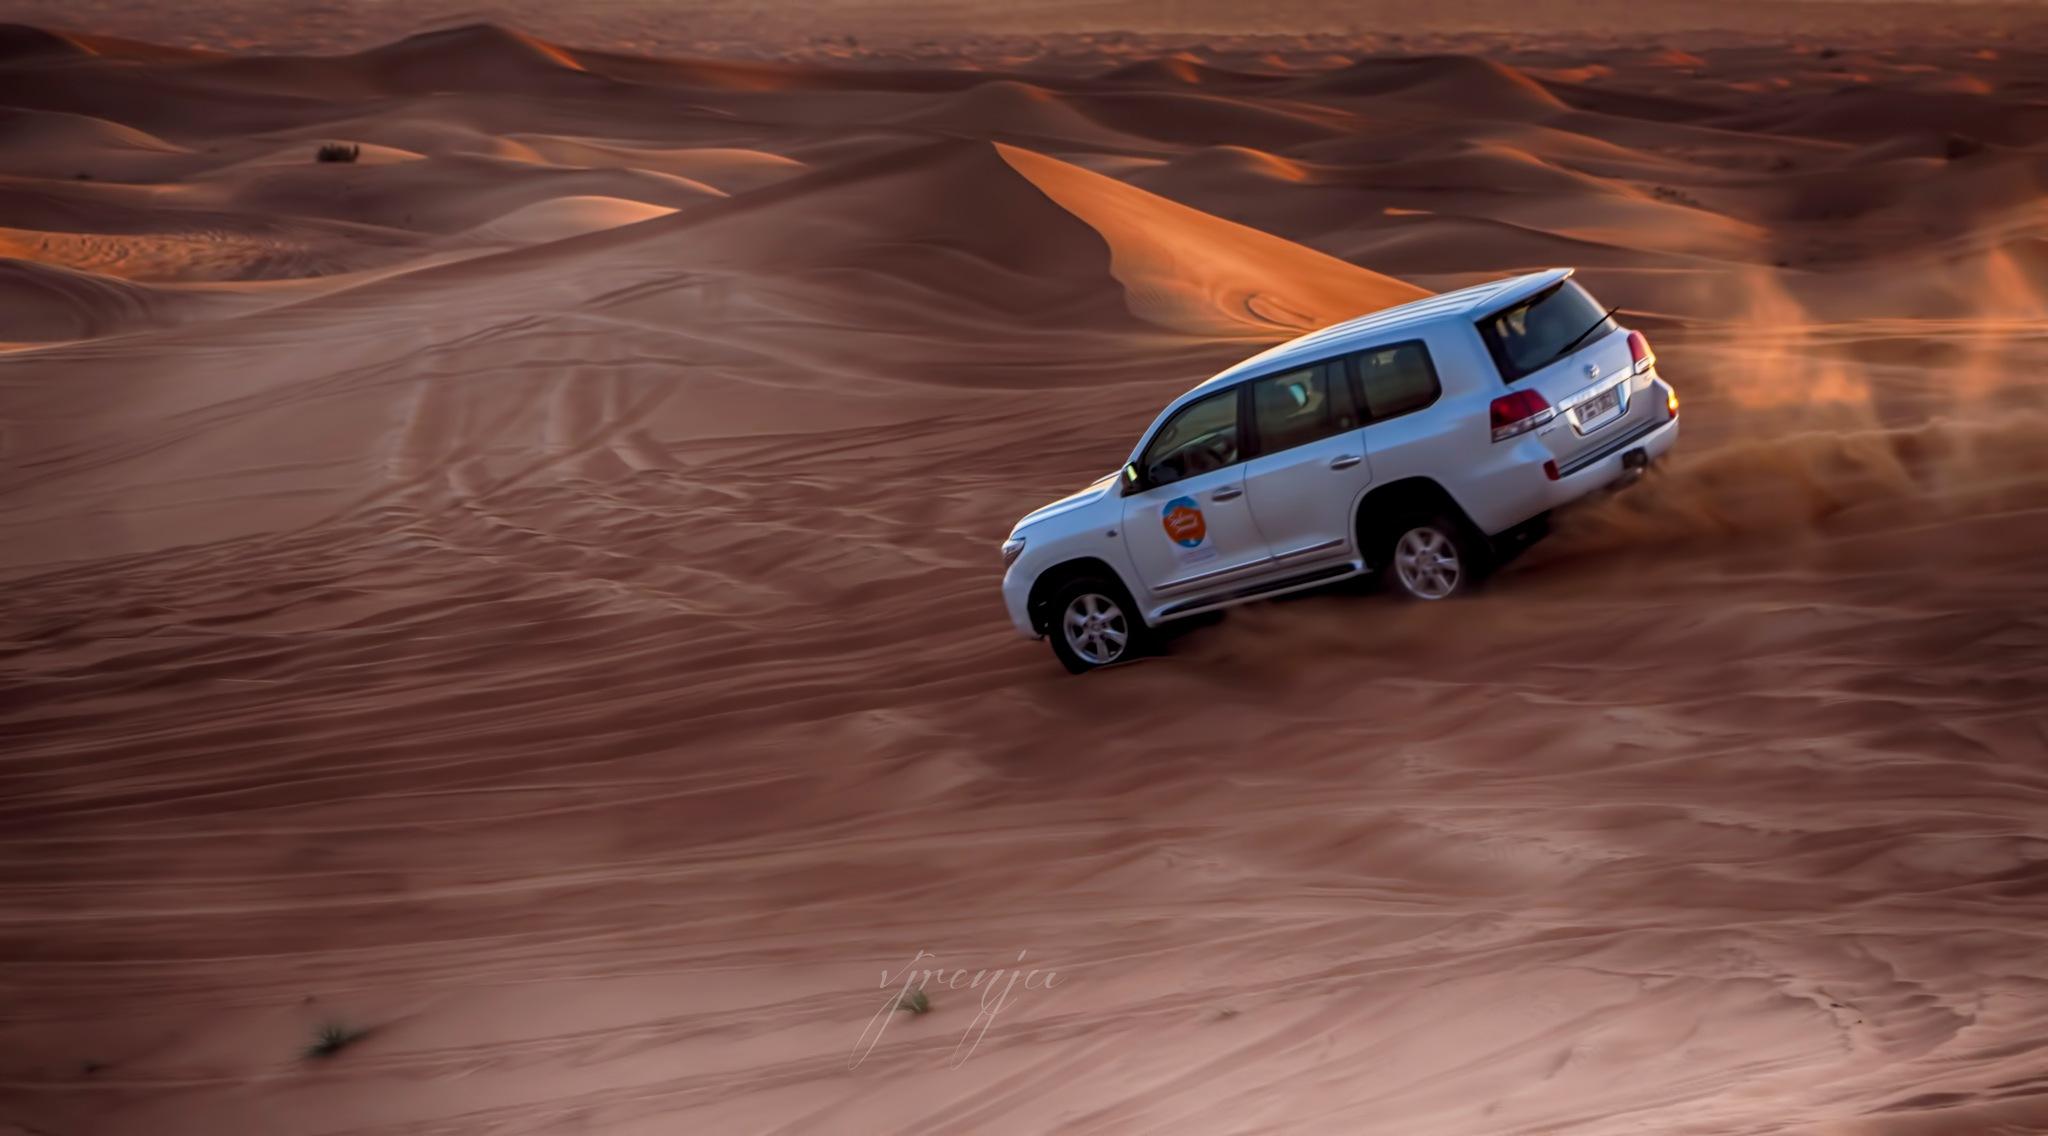 Dune bashing by VJ Renju